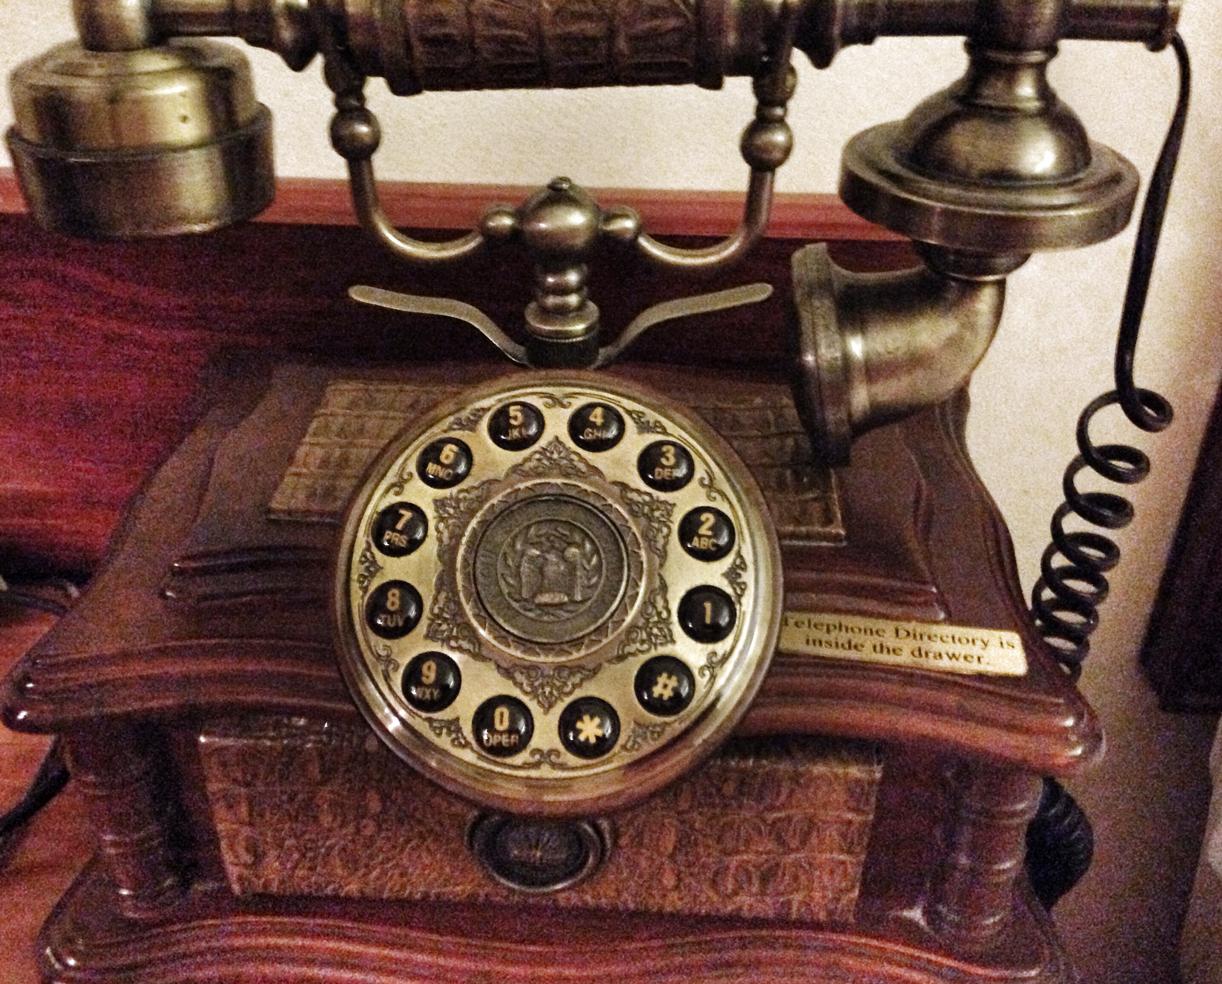 YES, DEN VIRKER: Telefonen på hotellrommet måtte selvfølgelig prøves. Og den funket, hvertfall til resepsjonen.